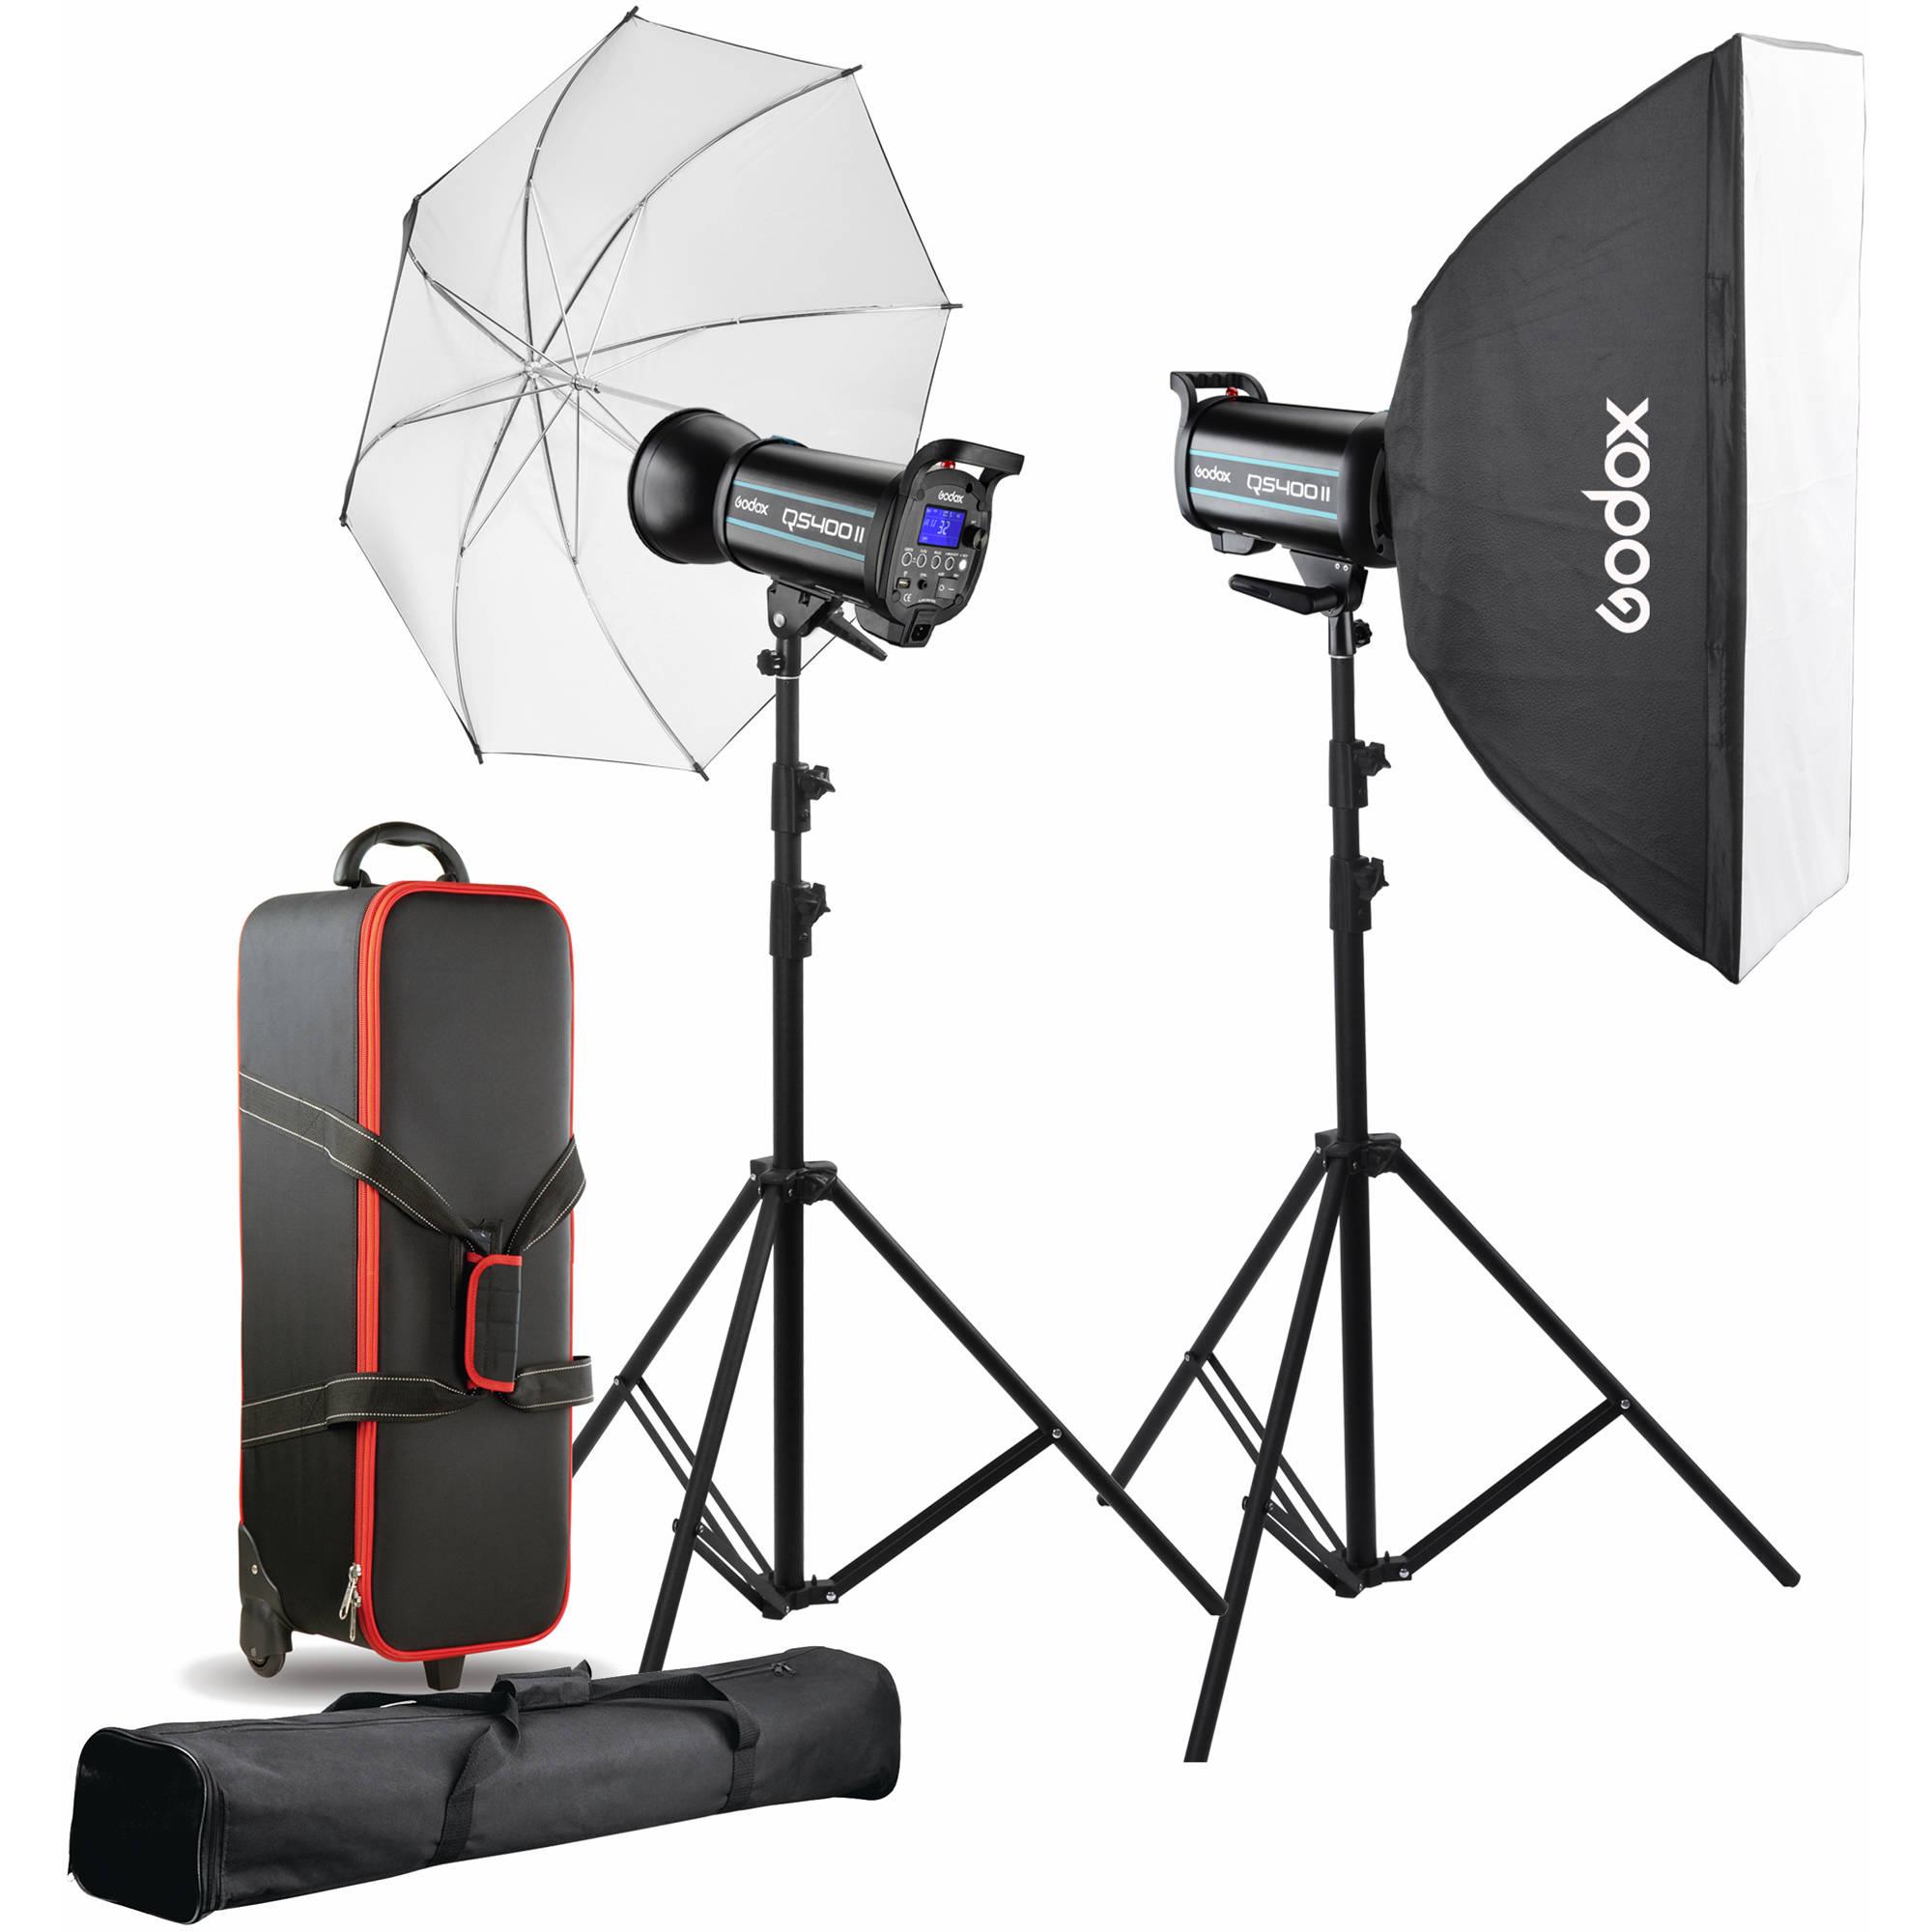 Godox Studio Lighting Kit Bag: Godox QS400II 2-Light Studio Flash Kit QS400II-C B&H Photo